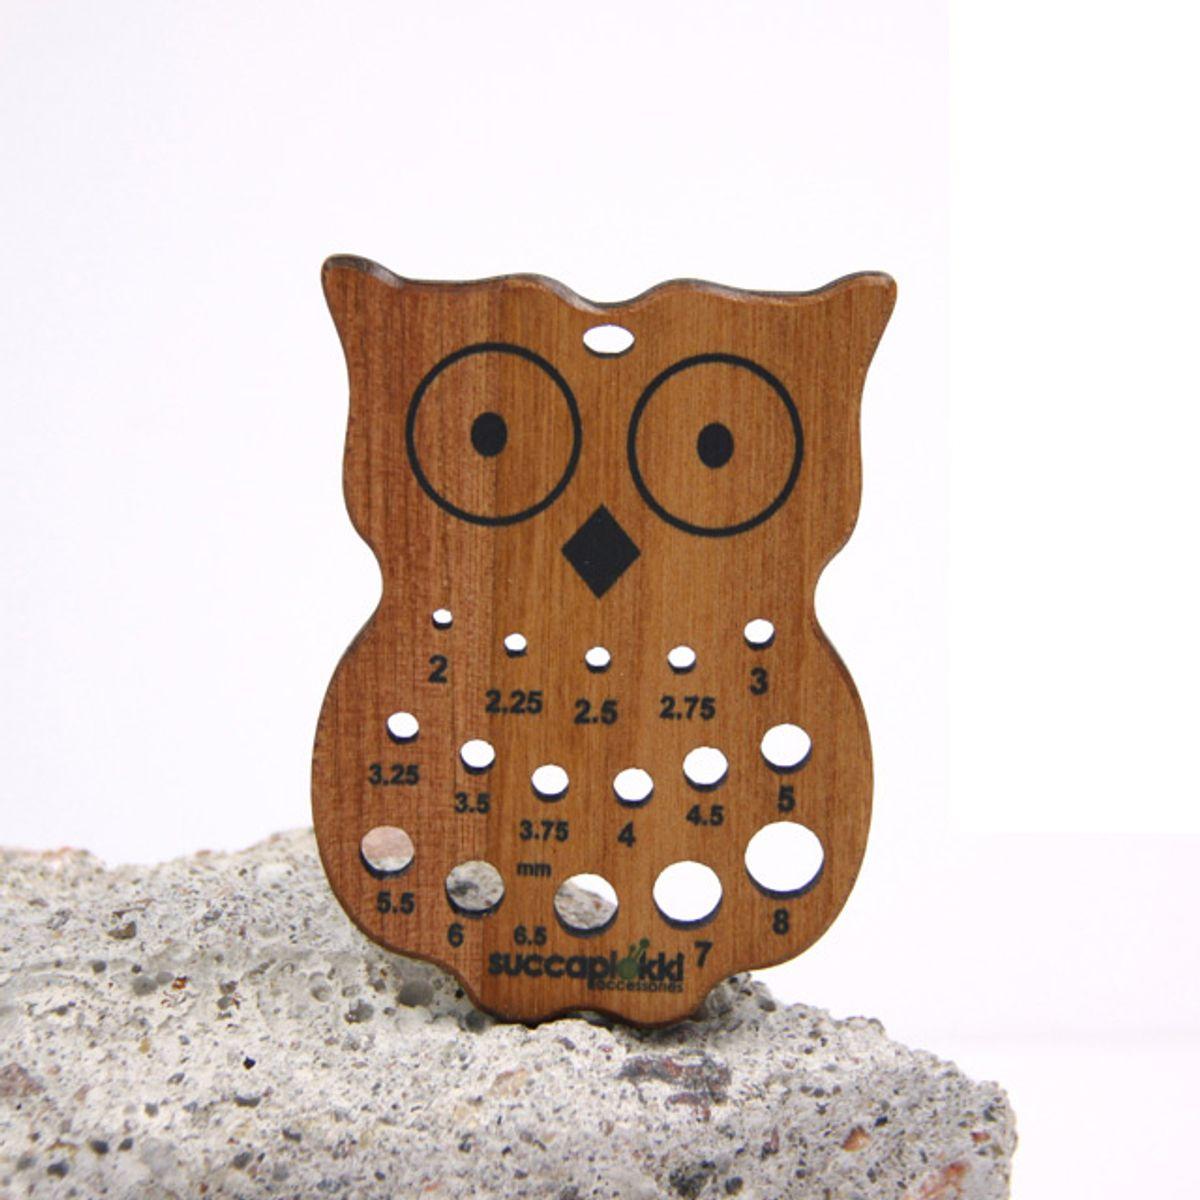 Jauge pour aiguilles à tricoter en bois recyclé - Hibou